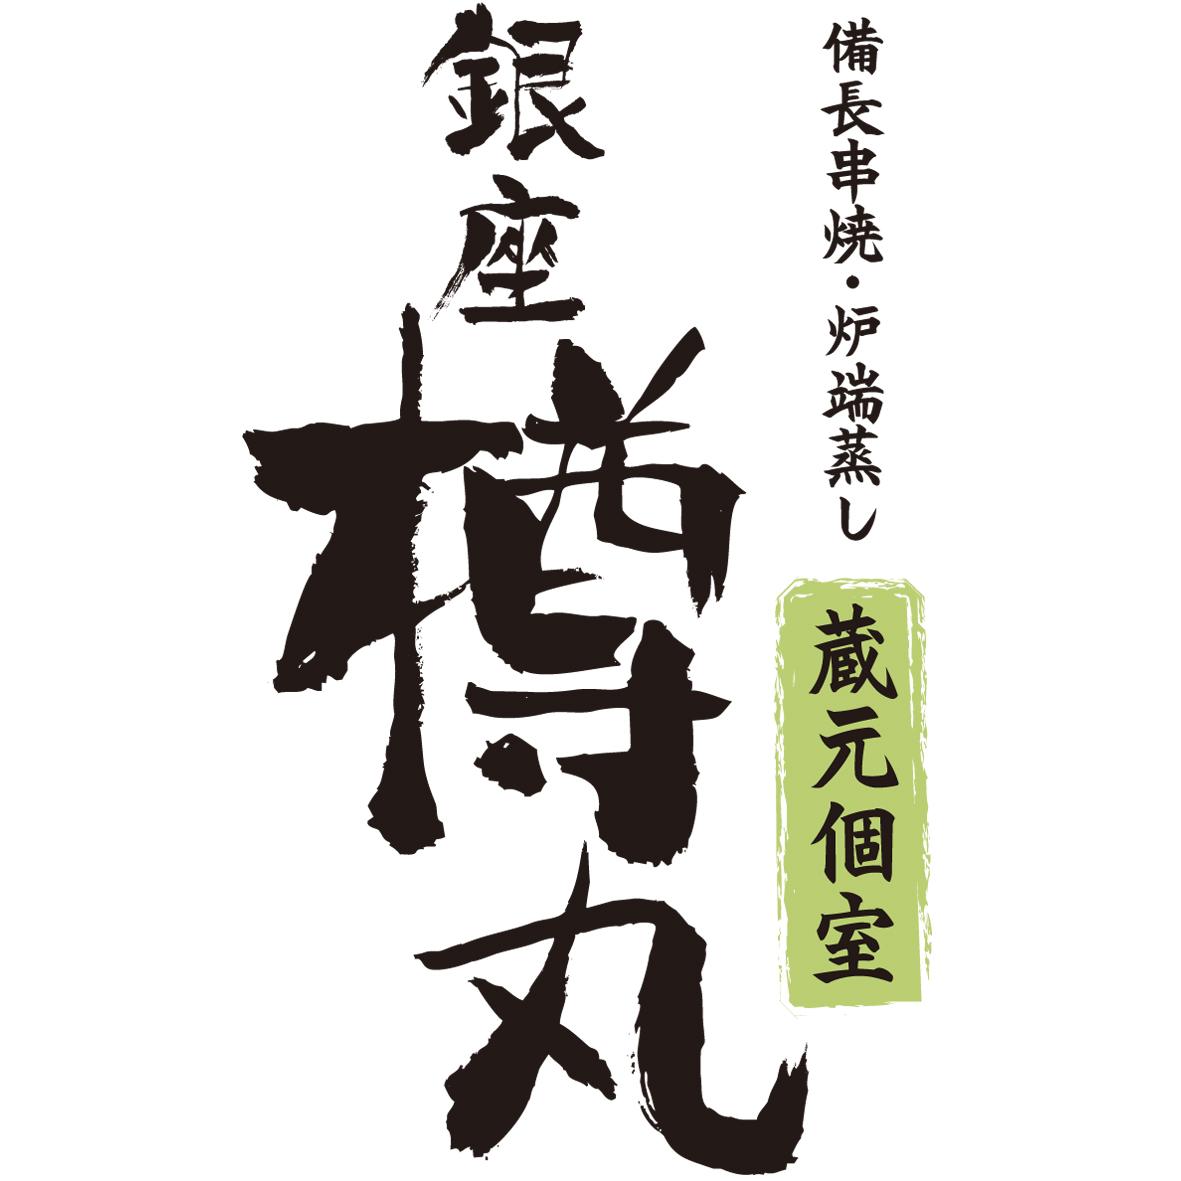 【閉店】銀座樽丸